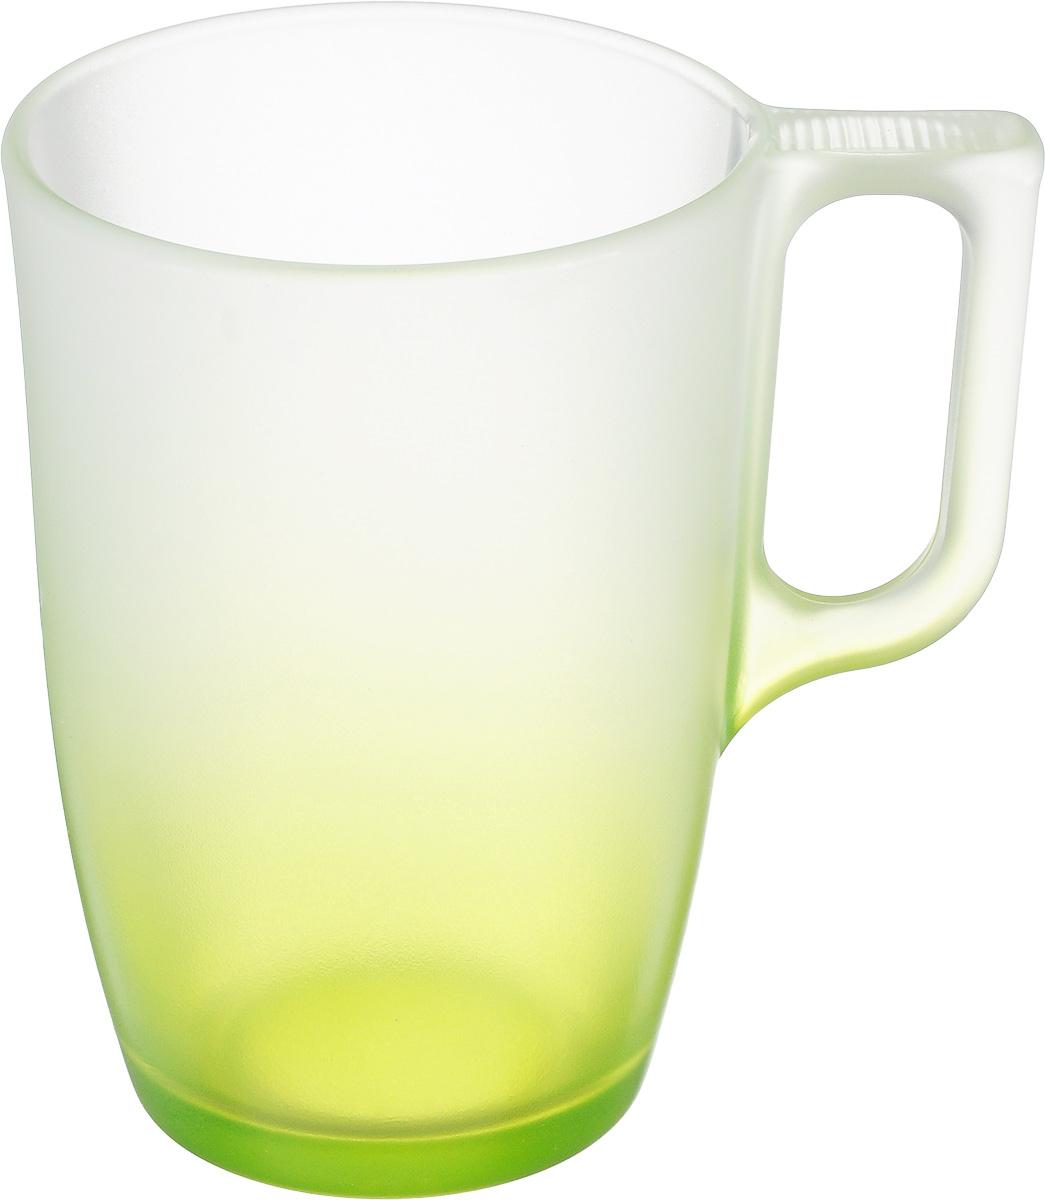 Кружка Luminarc Мариса, цвет: прозрачный, зеленый, 320 млJ7600Кружка Luminarc Мариса изготовлена из упрочненного стекла. Такая кружка прекрасно подойдет для горячих и холодных напитков. Она дополнит коллекцию вашей кухонной посуды и будет служить долгие годы. Можно использовать в микроволновой печи и мыть в посудомоечной машине. Диаметр кружки (по верхнему краю): 7,7 см. Высота стенки кружки: 11,2 см. Бренд Luminarc - это один из лидеров мирового рынка по производству посуды и товаров для дома. В основе процесса изготовления лежит высококачественное сырье, а также строгий контроль качества.